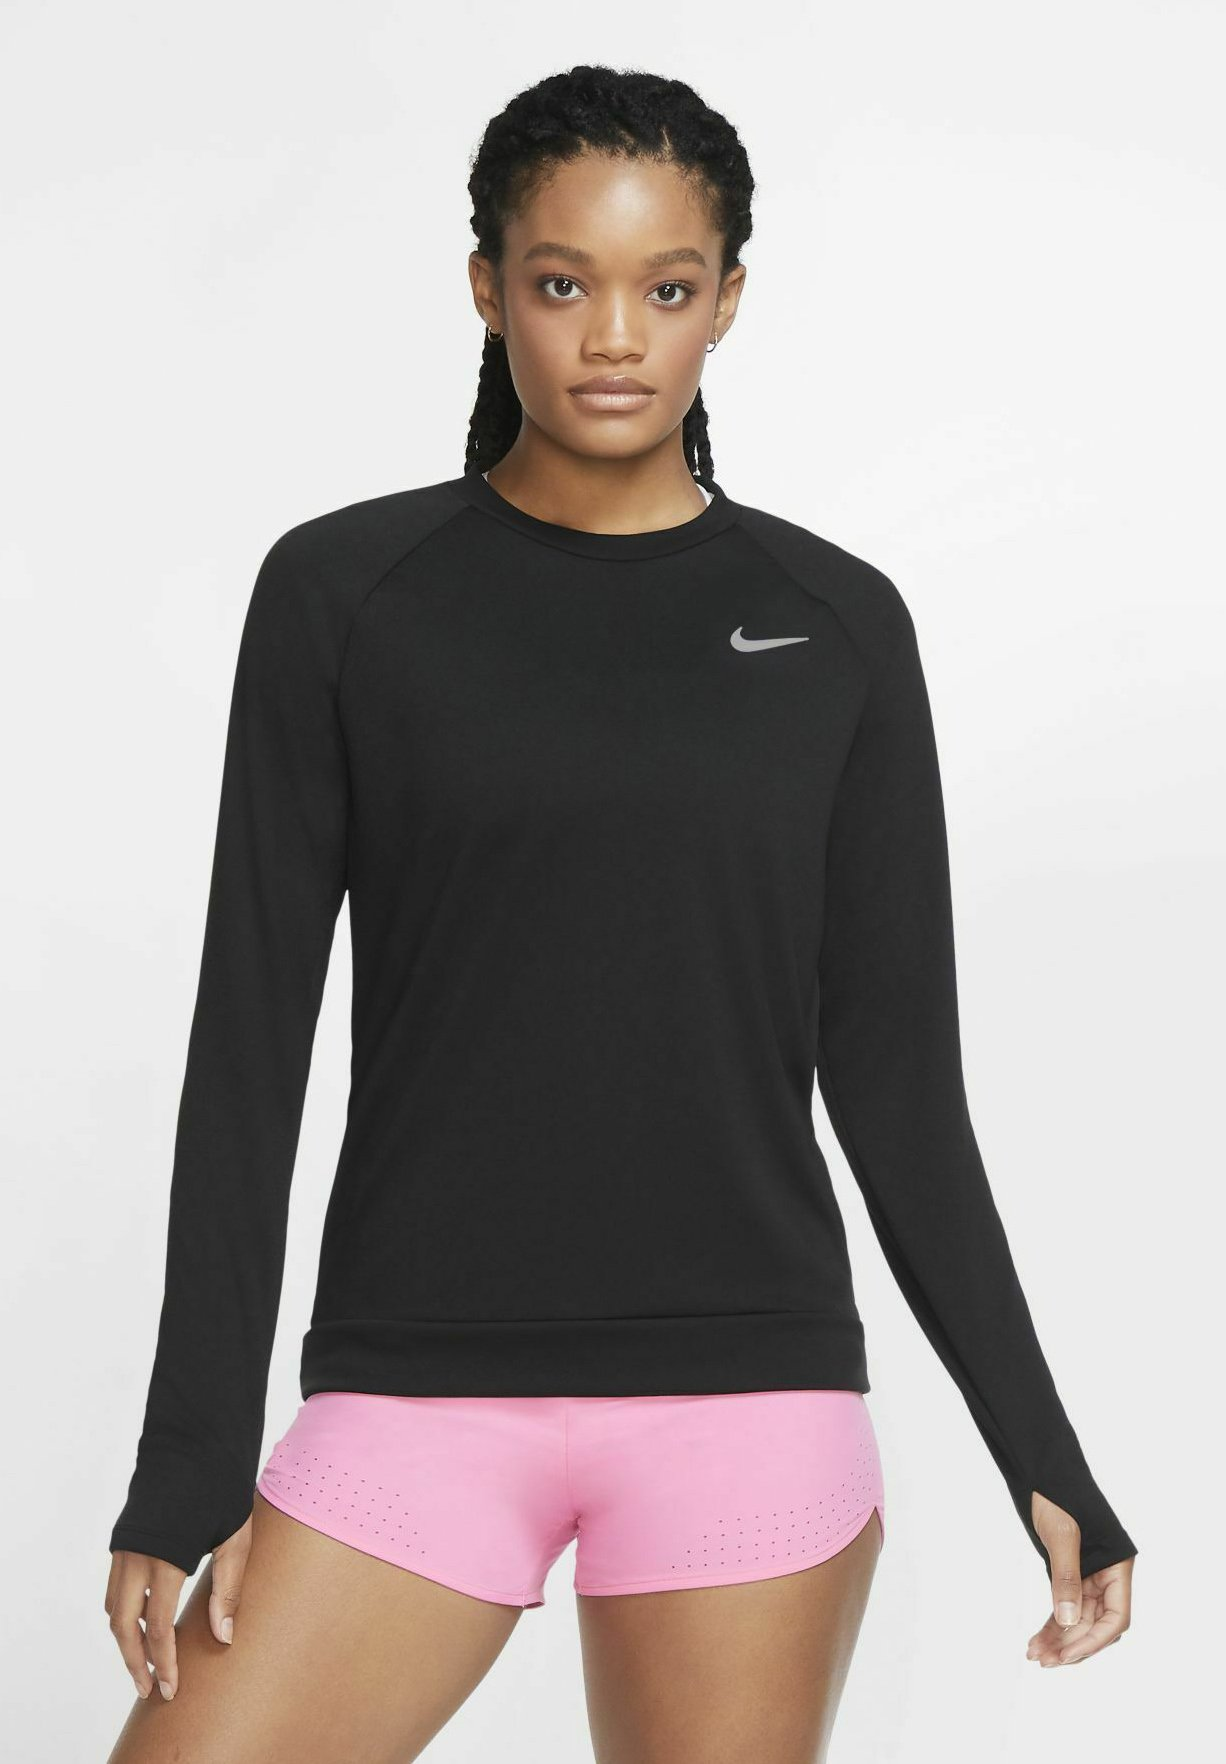 Femme PACER CREW - T-shirt de sport